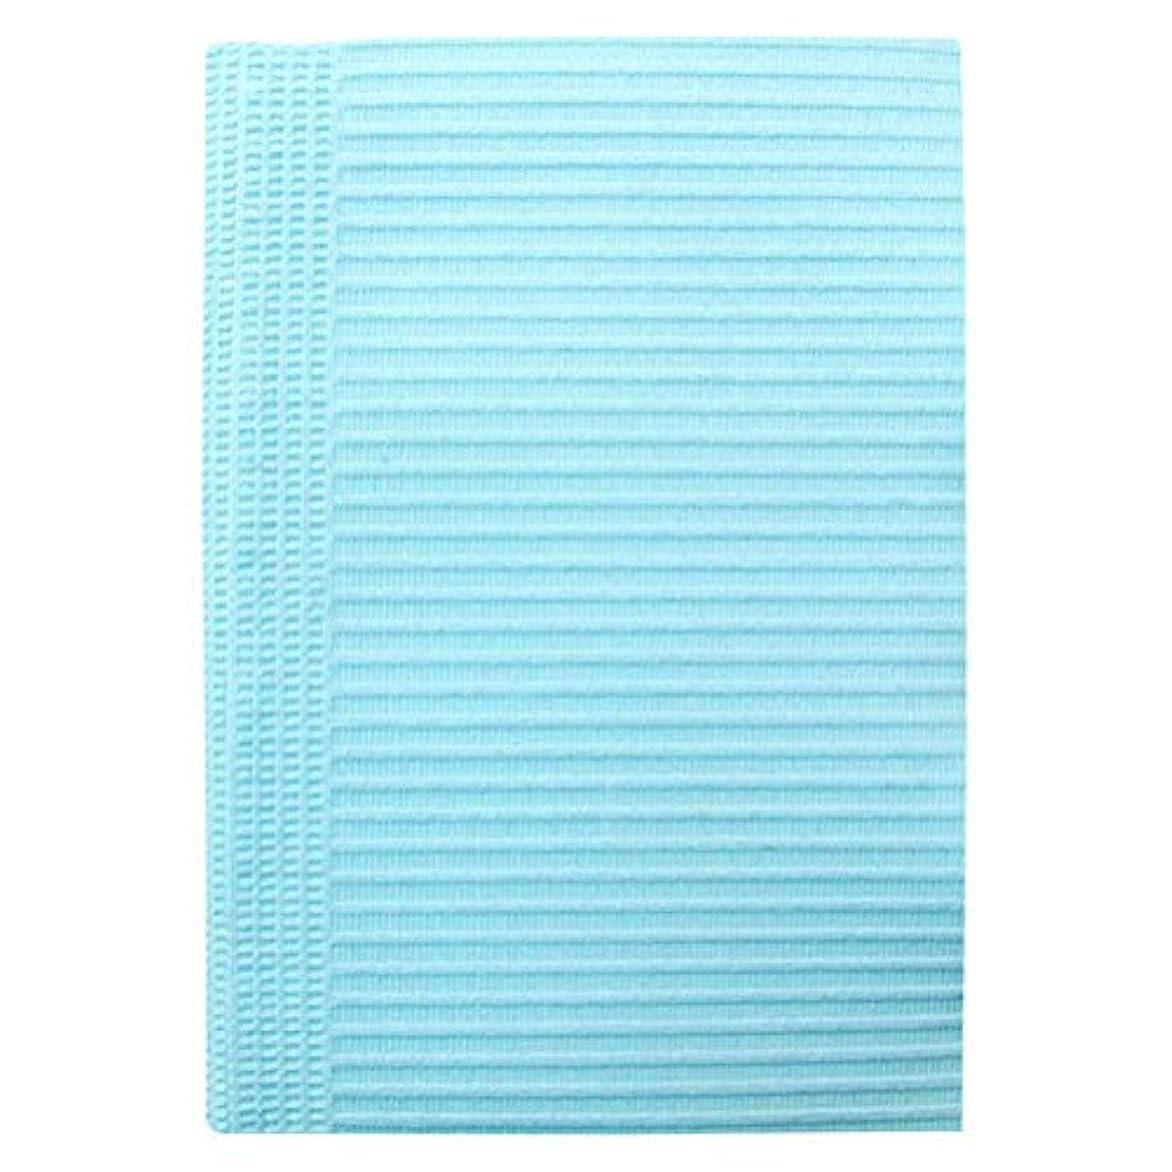 解凍する、雪解け、霜解け説明するシプリーSunshineBabe サンシャインベビー ペーパーシート 50枚 ブルー